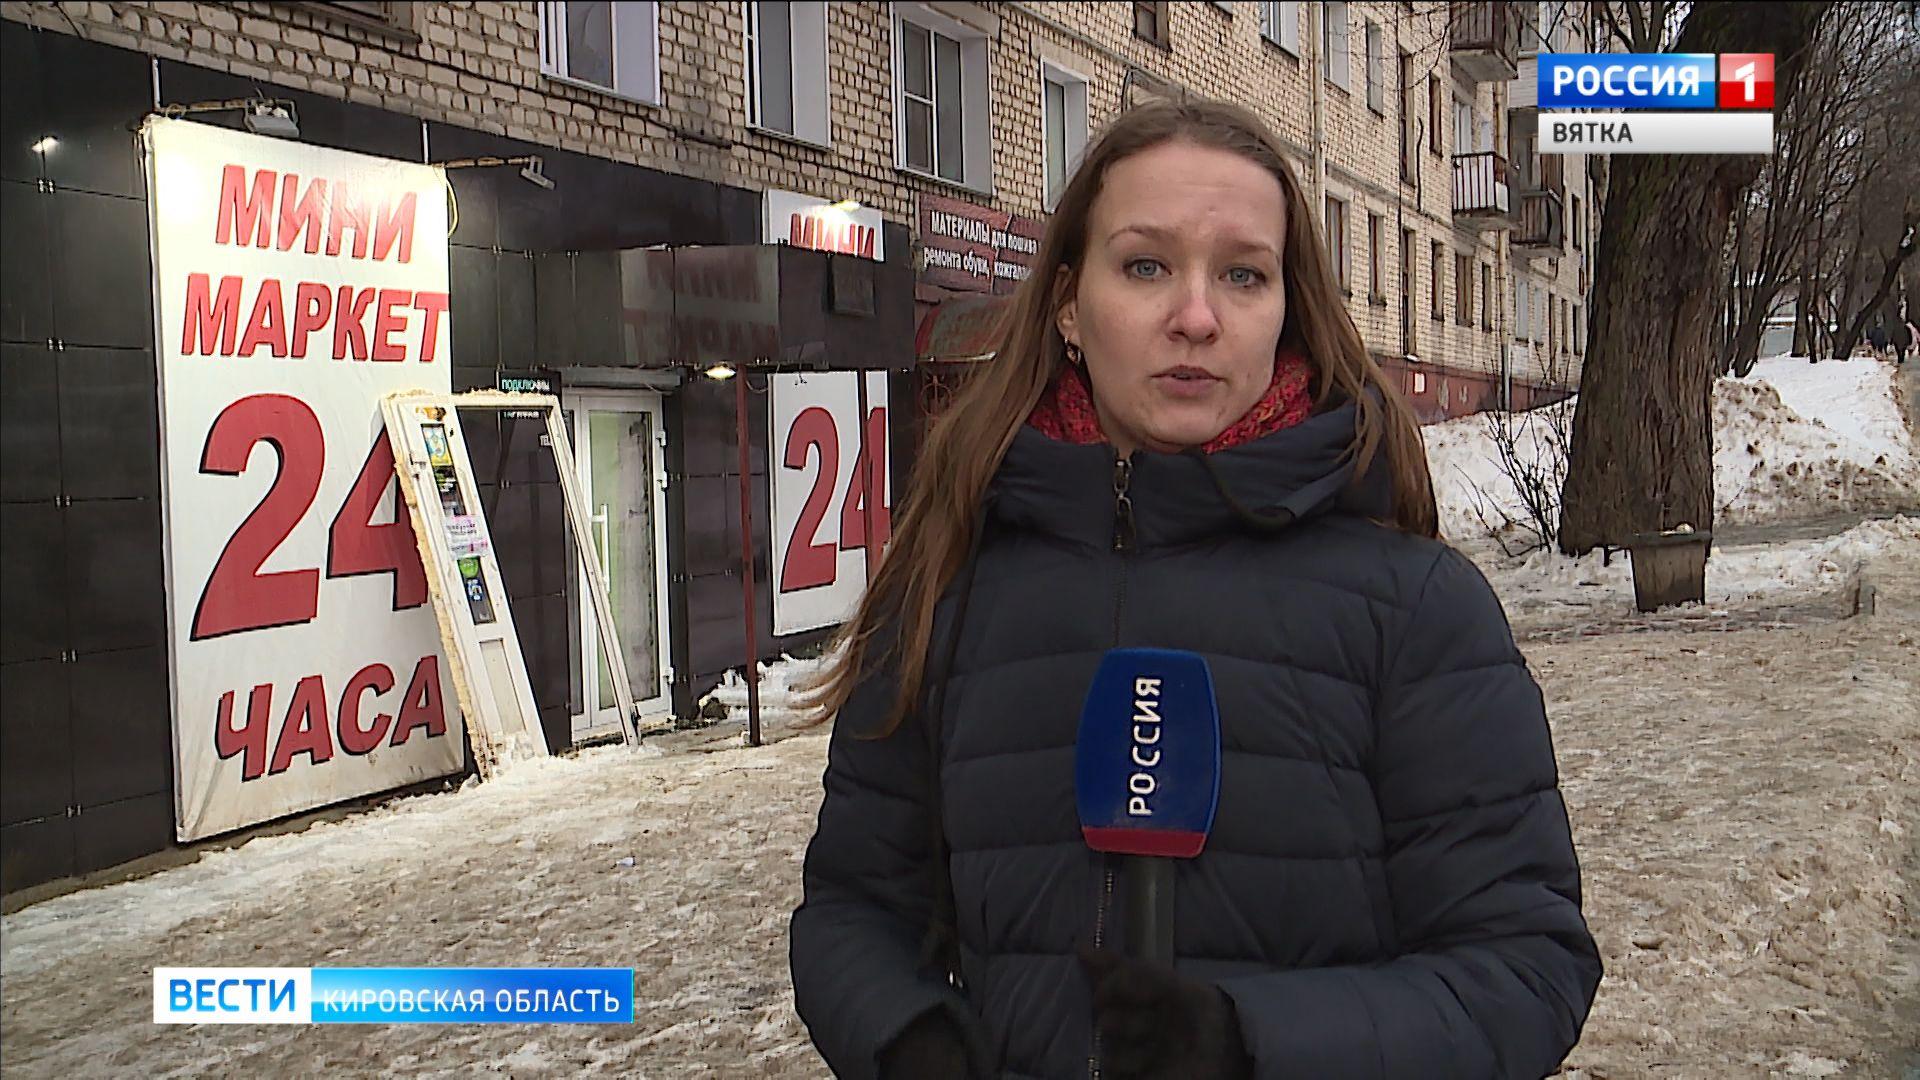 Кировчане продолжают жаловаться на круглосуточные минимаркеты, в которых продают алкоголь